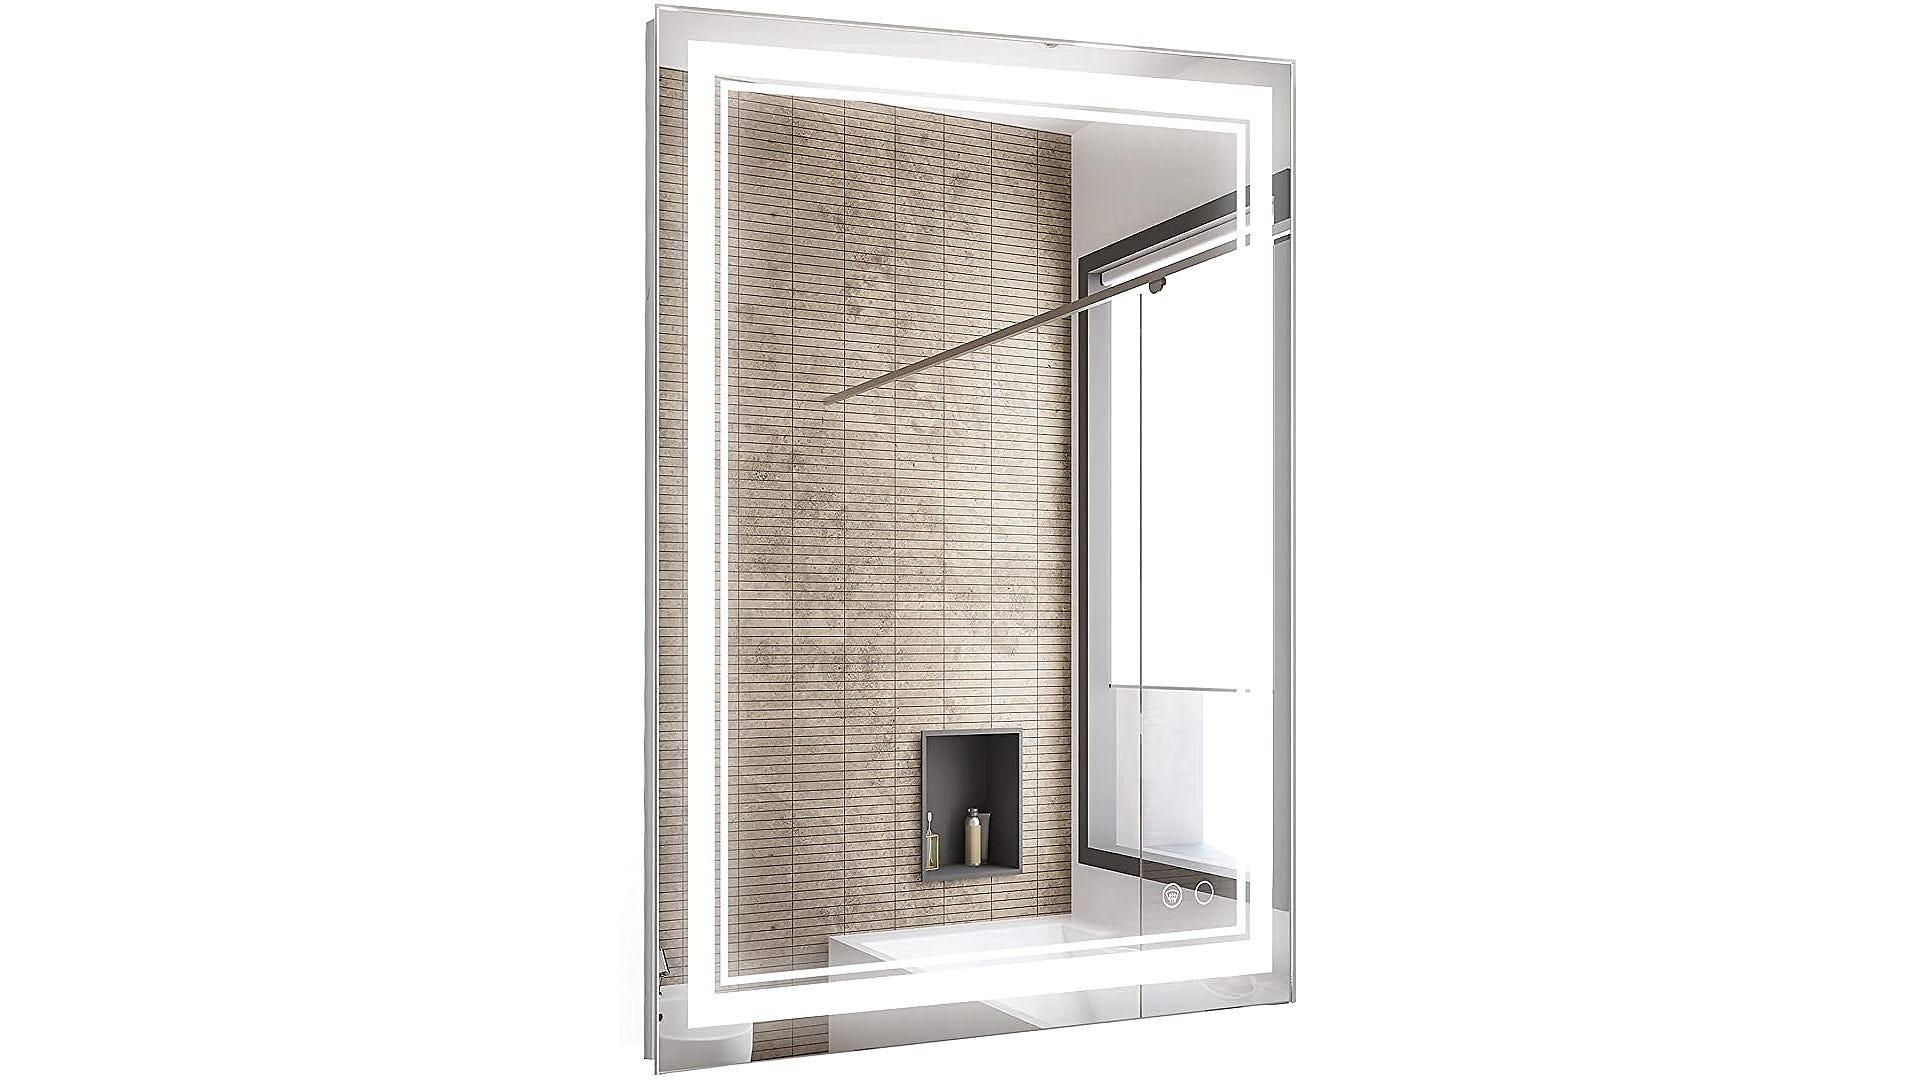 A pre-lit bathroom mirror showcasing a bathroom view.